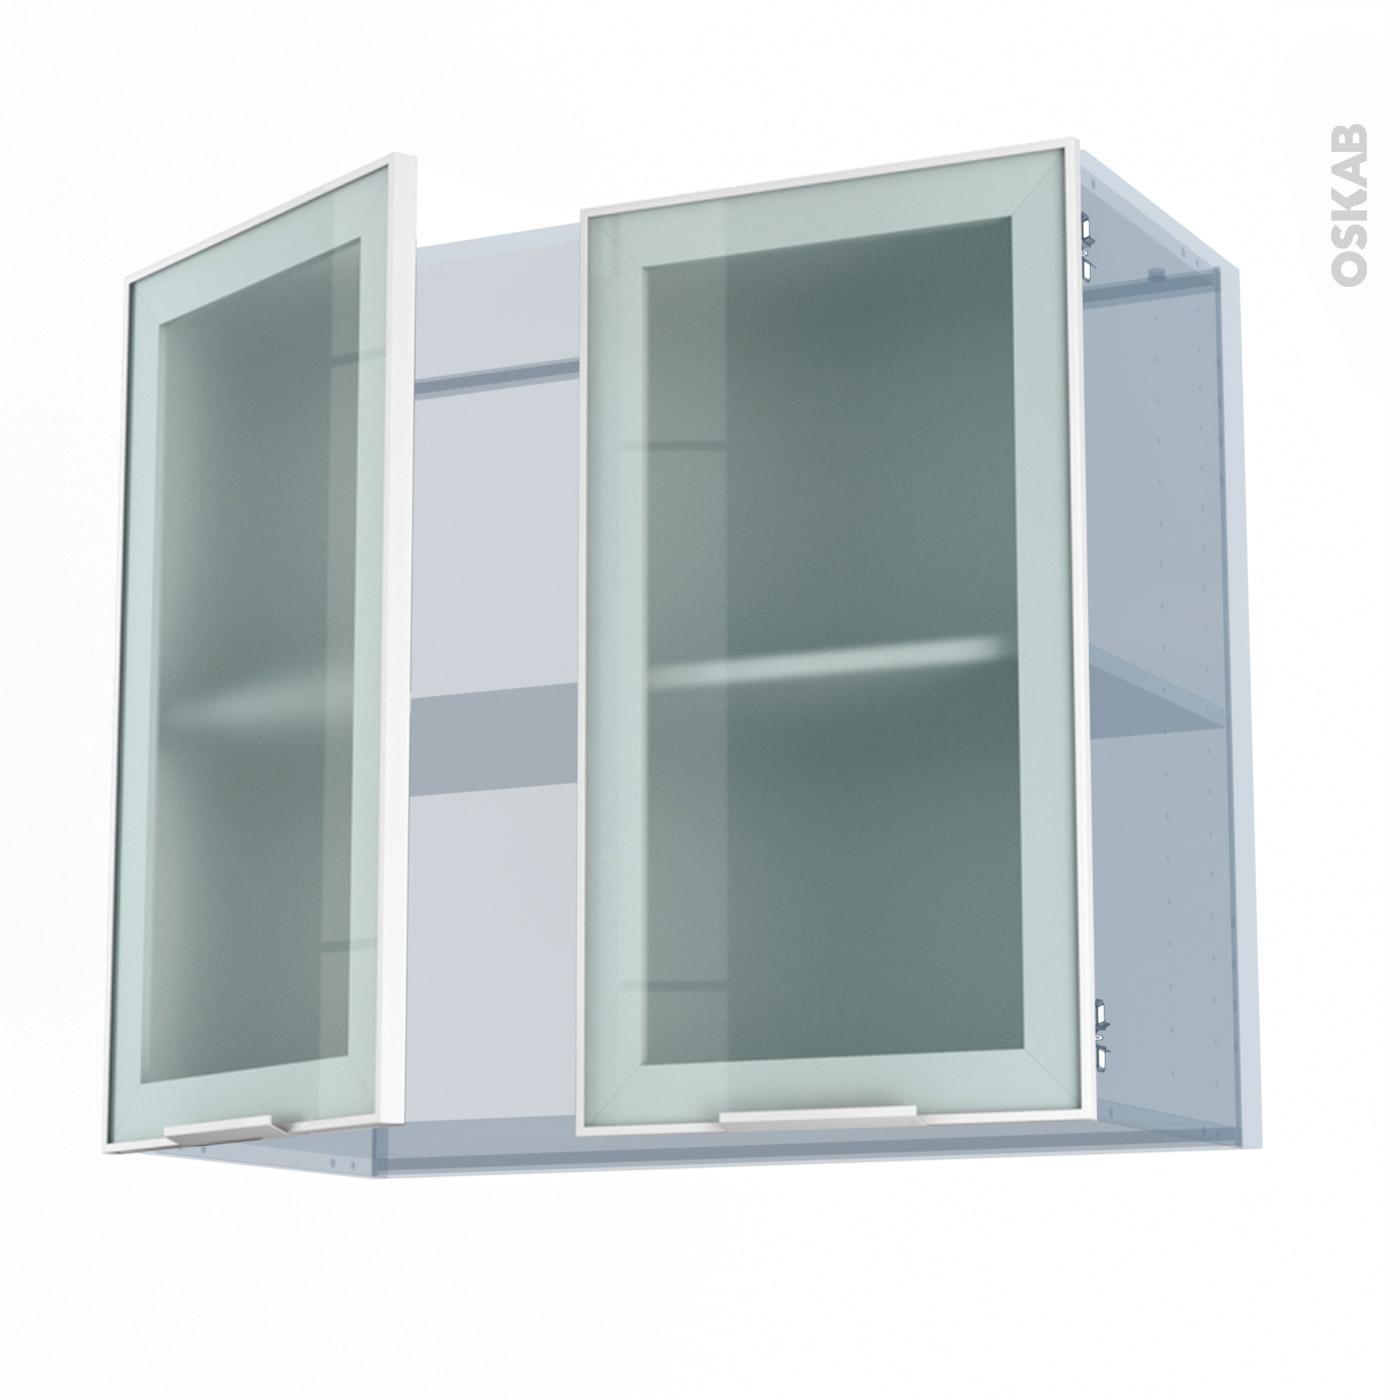 sokleo facade alu blanc vitree kit renovation 18 meuble haut ouvrant h70 2 portes l80xh70xp37 5